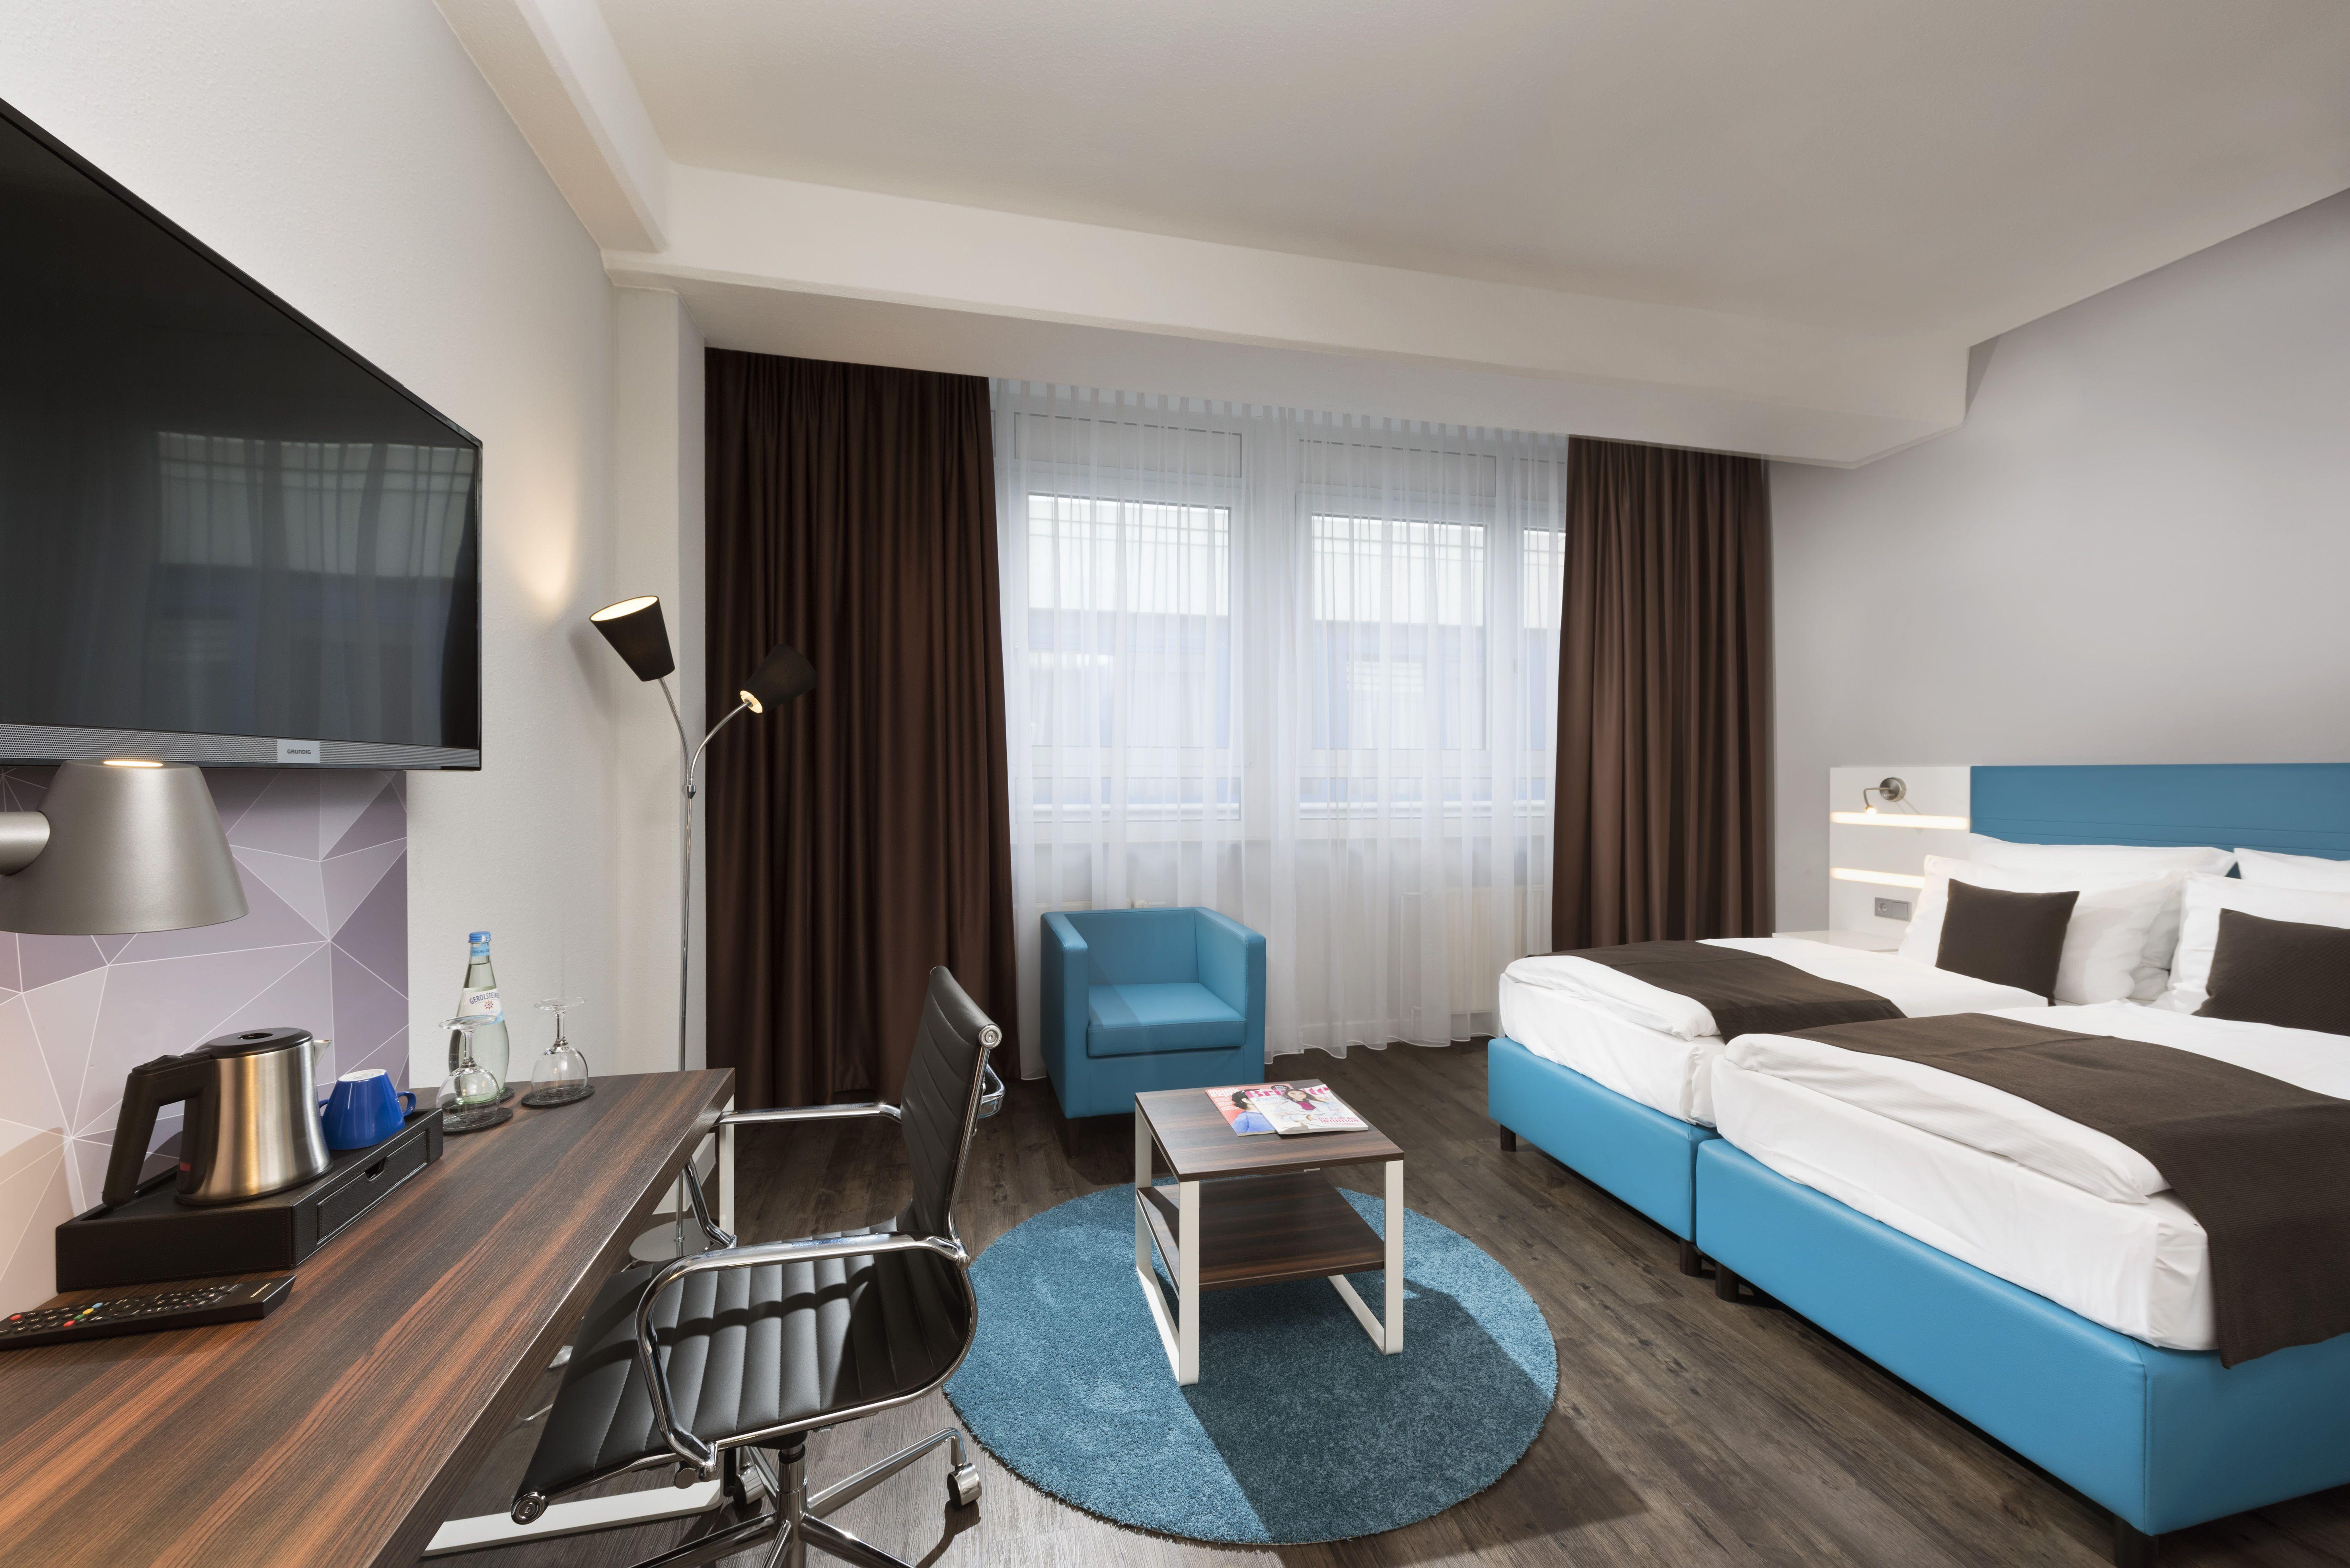 The fourstar Best Western Hotel Dortmund Airport